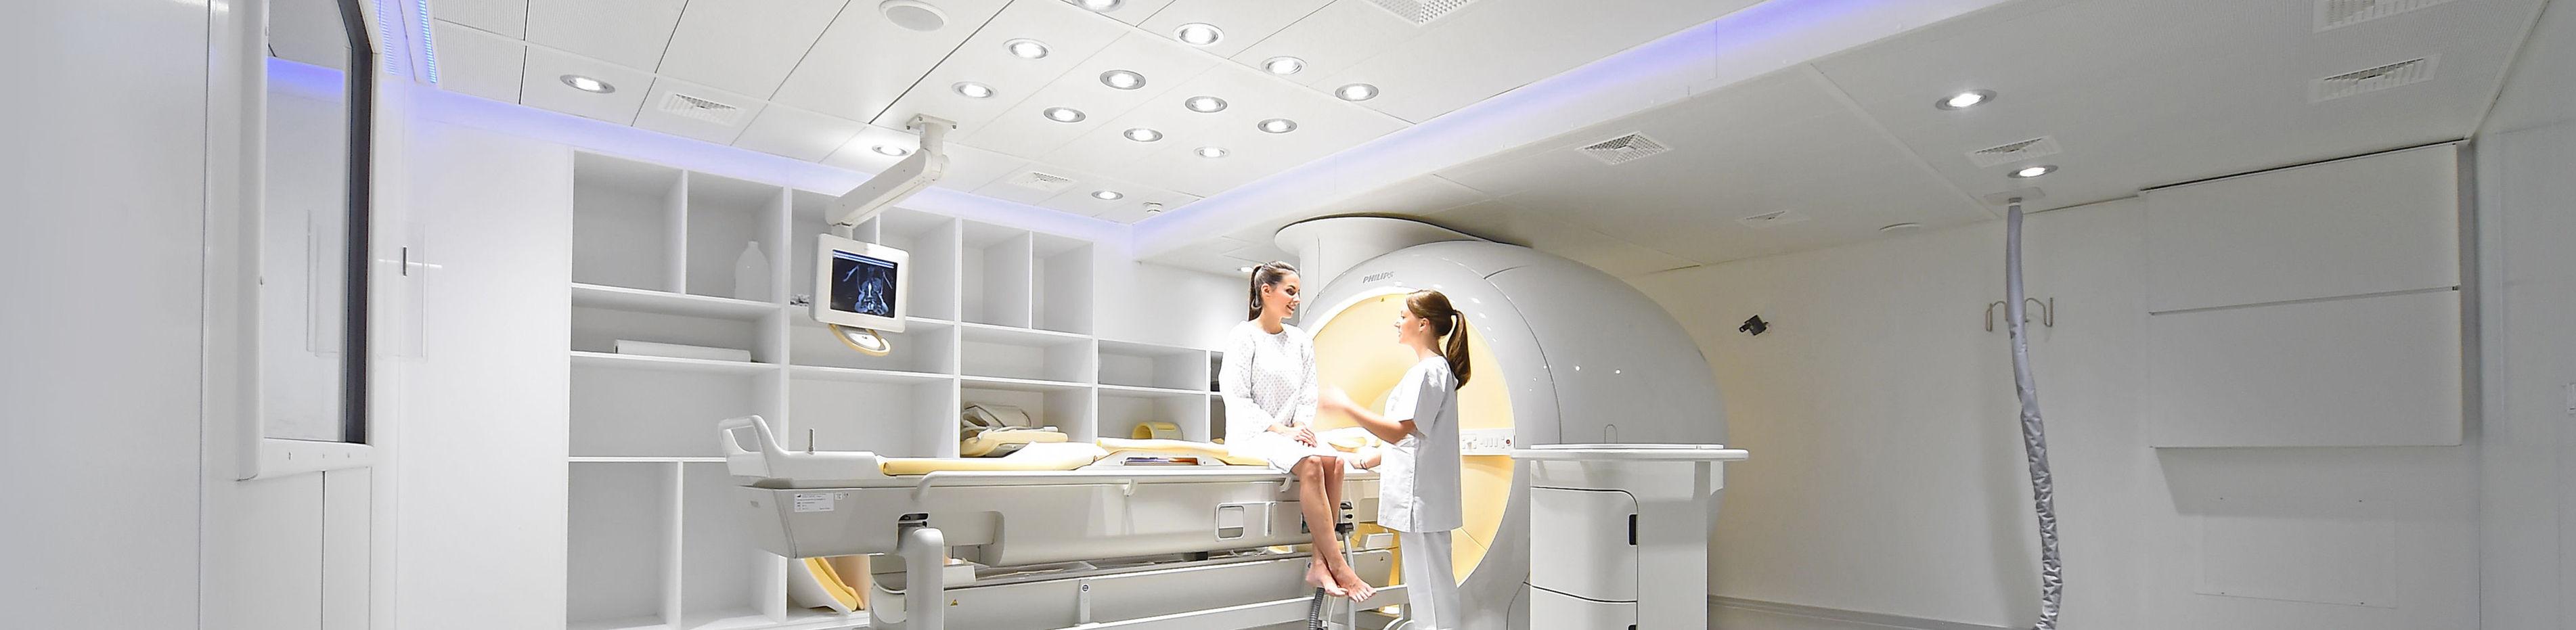 Ziemlich Radiologie Technologie Wird Fortgesetzt Ideen - Entry Level ...